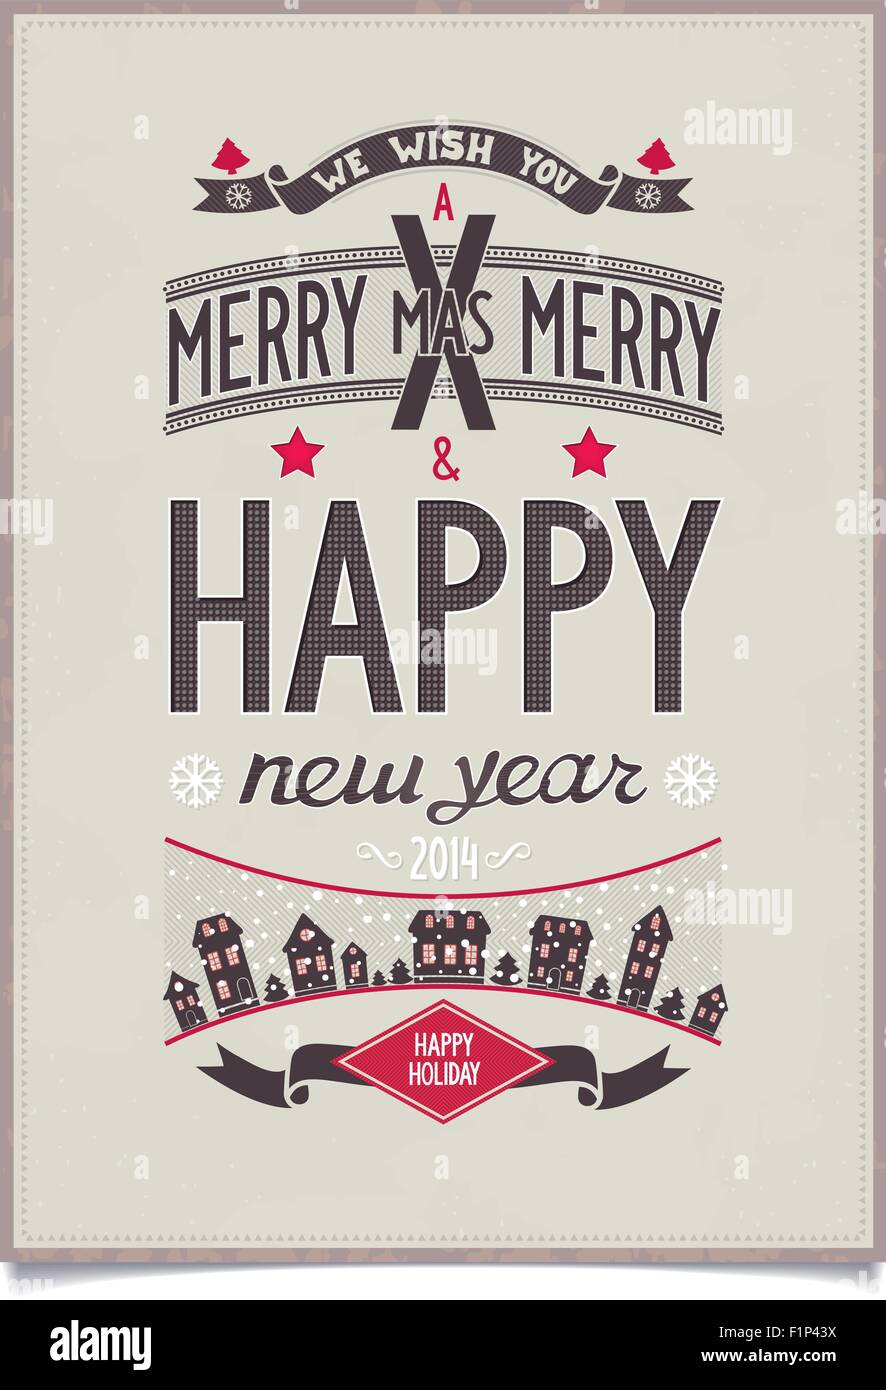 Frohes neues Jahr wünscht Karte Design im Stil der Retro-Plakat auf ...